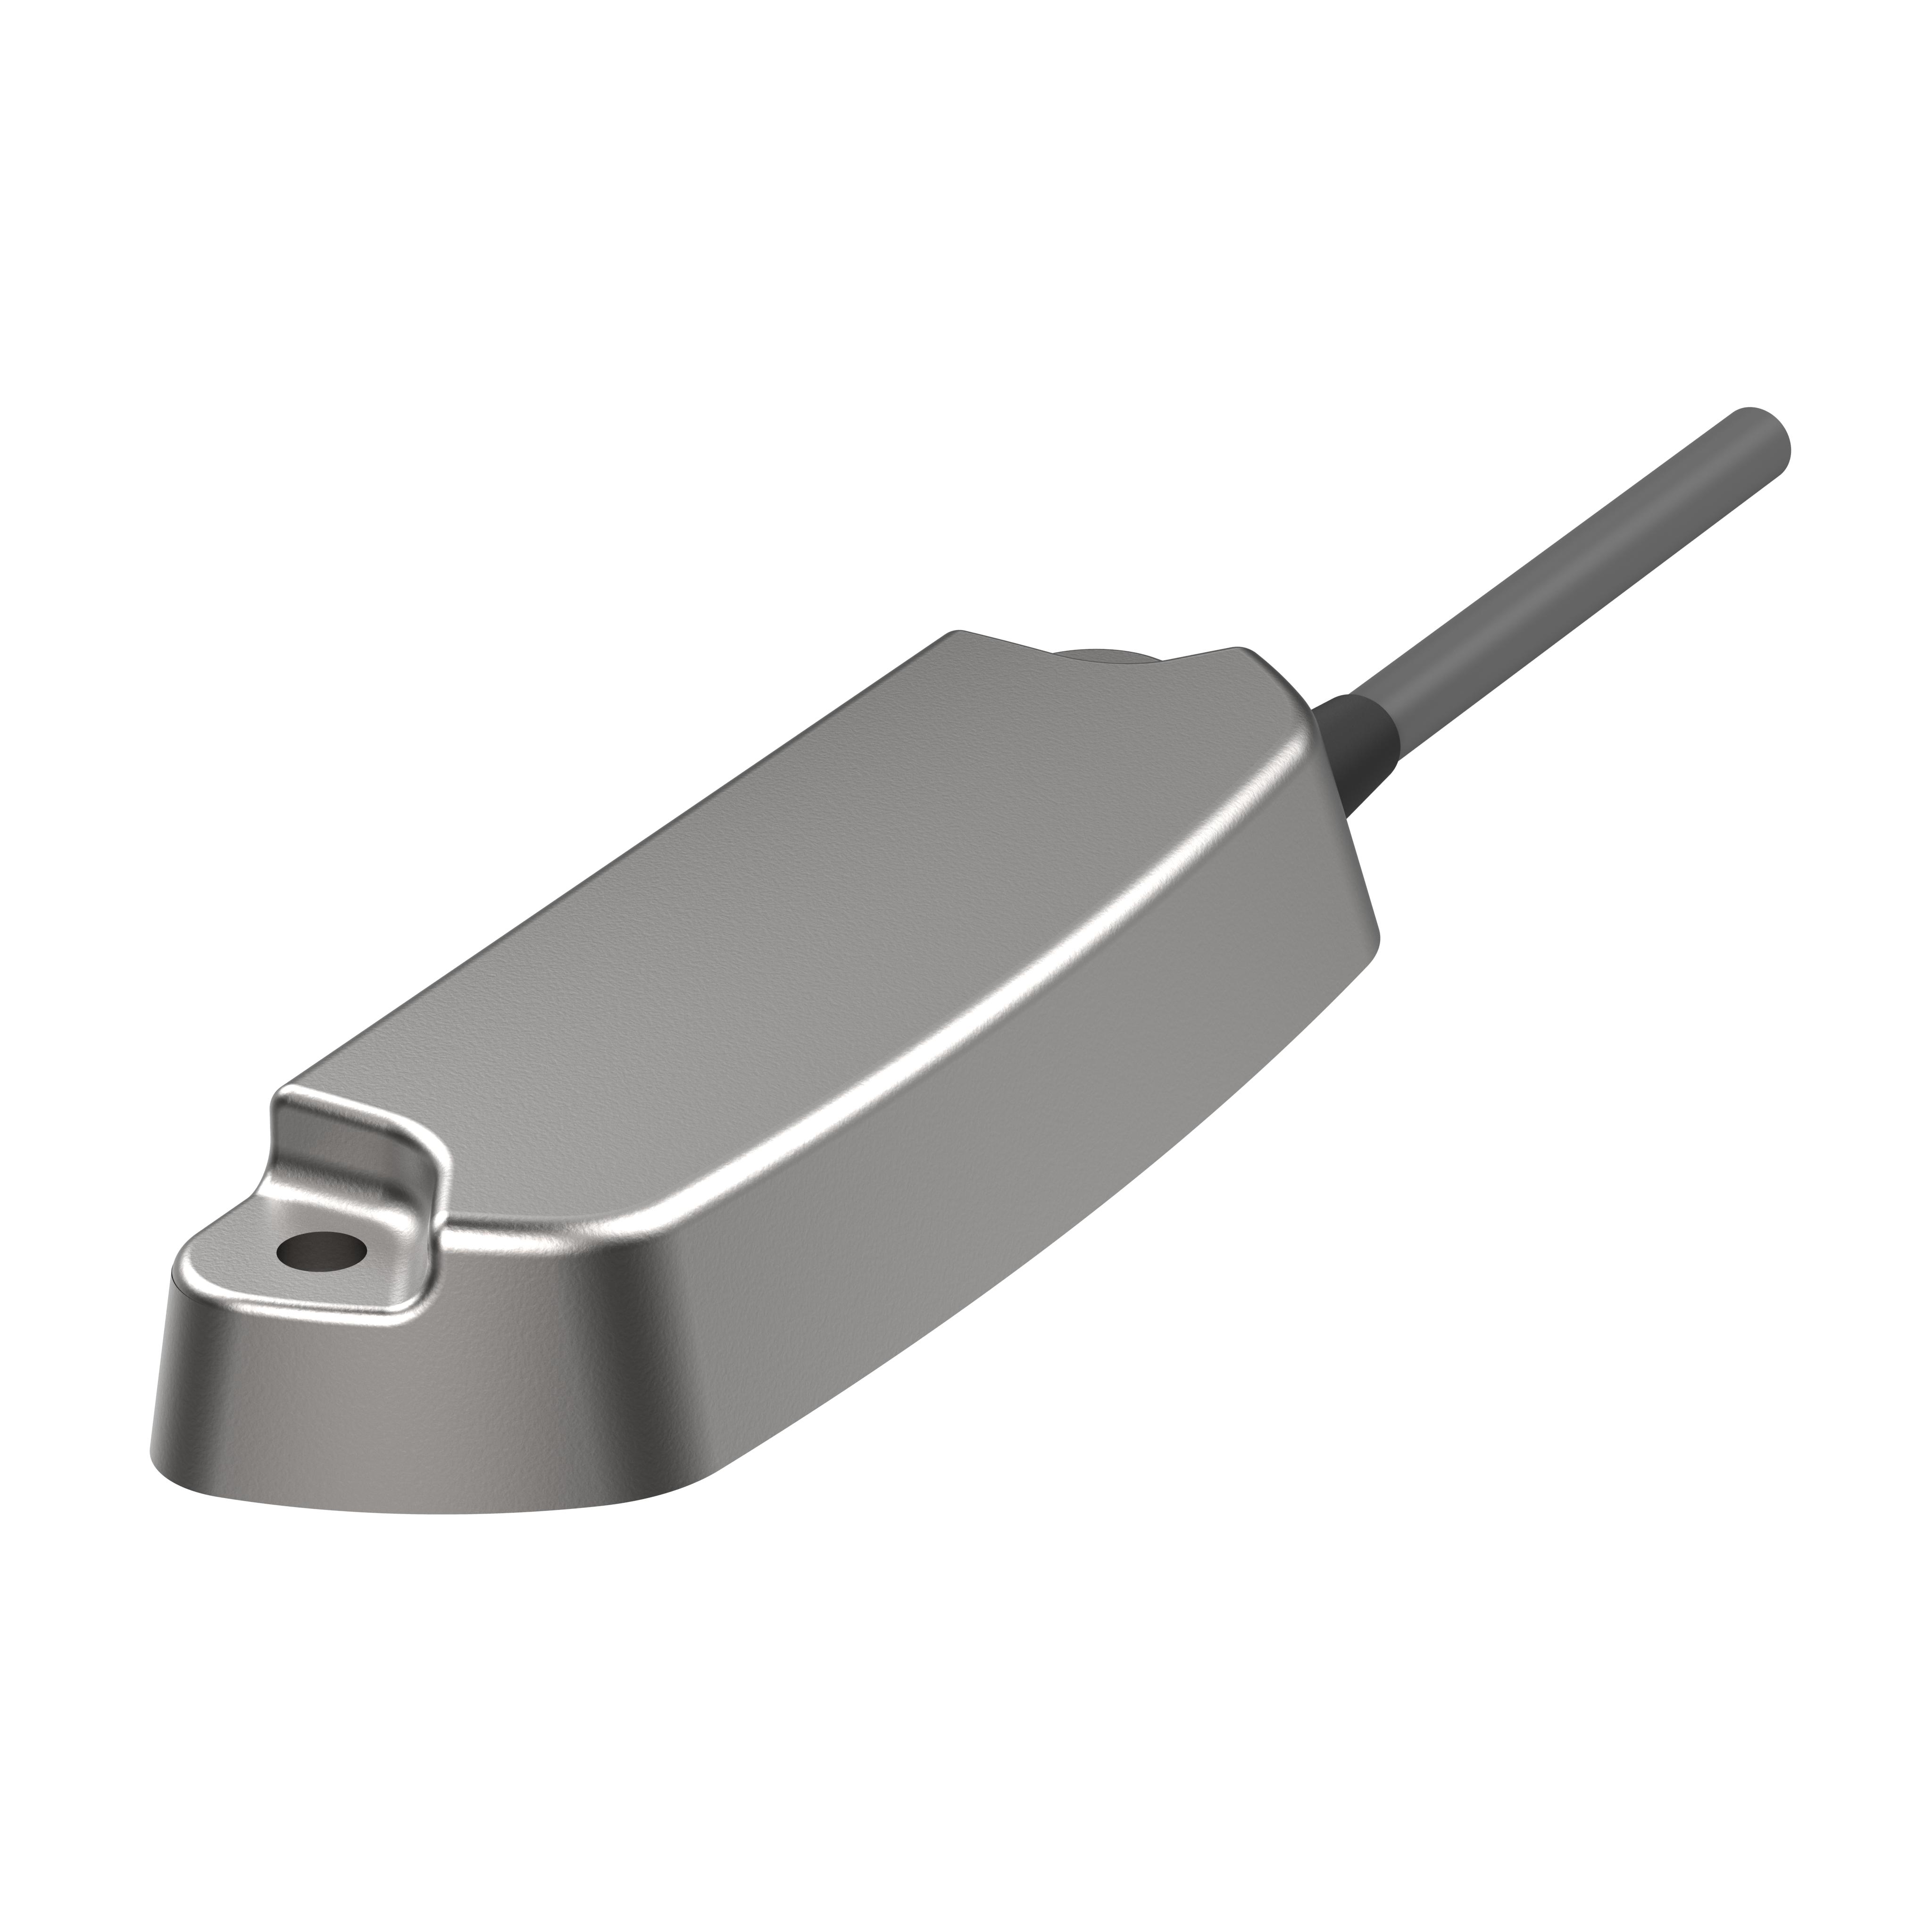 Sicherheitssensor - 165570VL-5 - magnetisch betätigt - Schließer/Öffner, Kontrollkontakt, 5m Kabel